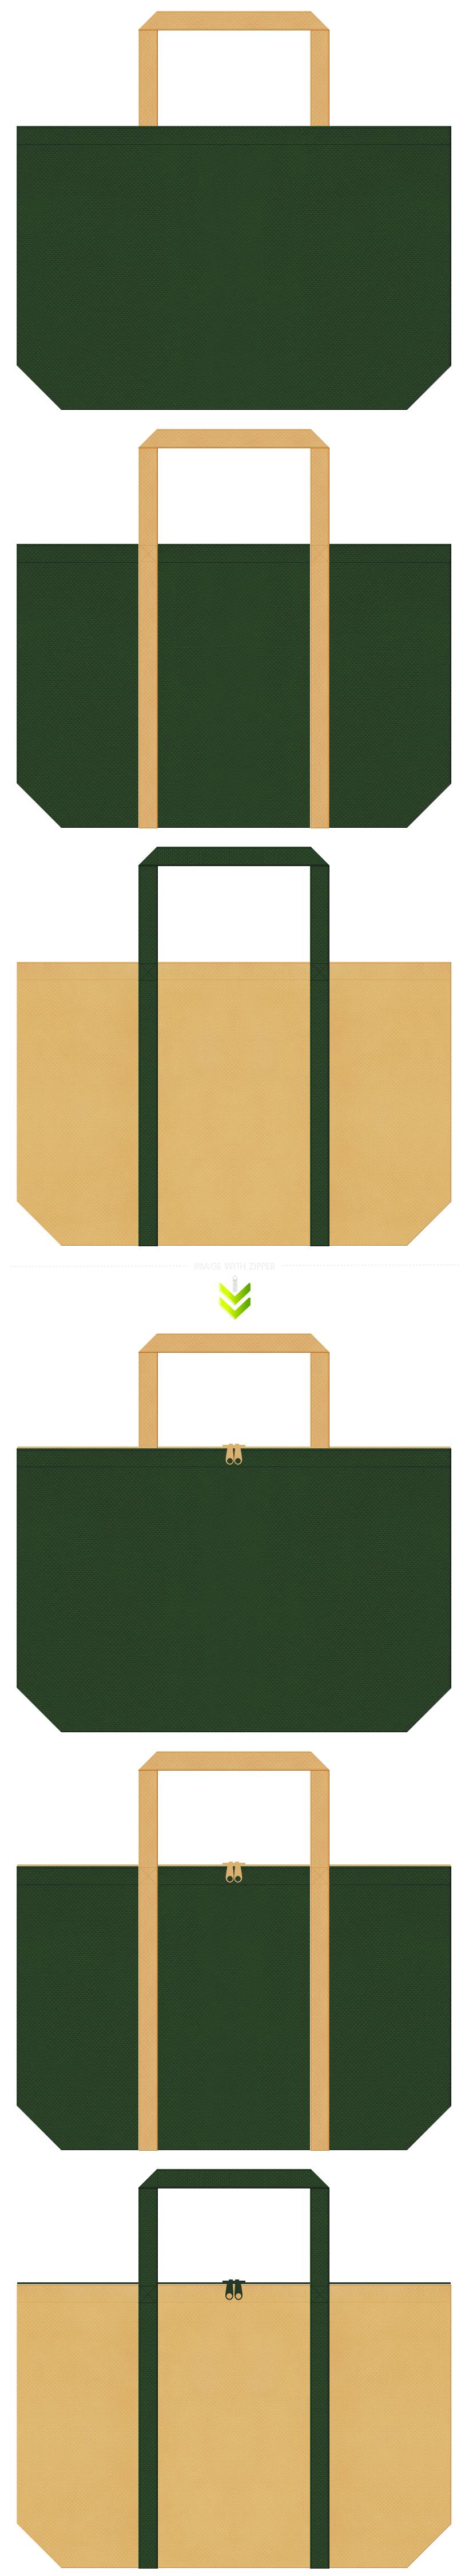 濃緑色とカーキ色の不織布エコバッグのデザイン。キャンプ・アウトドア用品のショッピングバッグや動物園のノベルティにお奨めです。